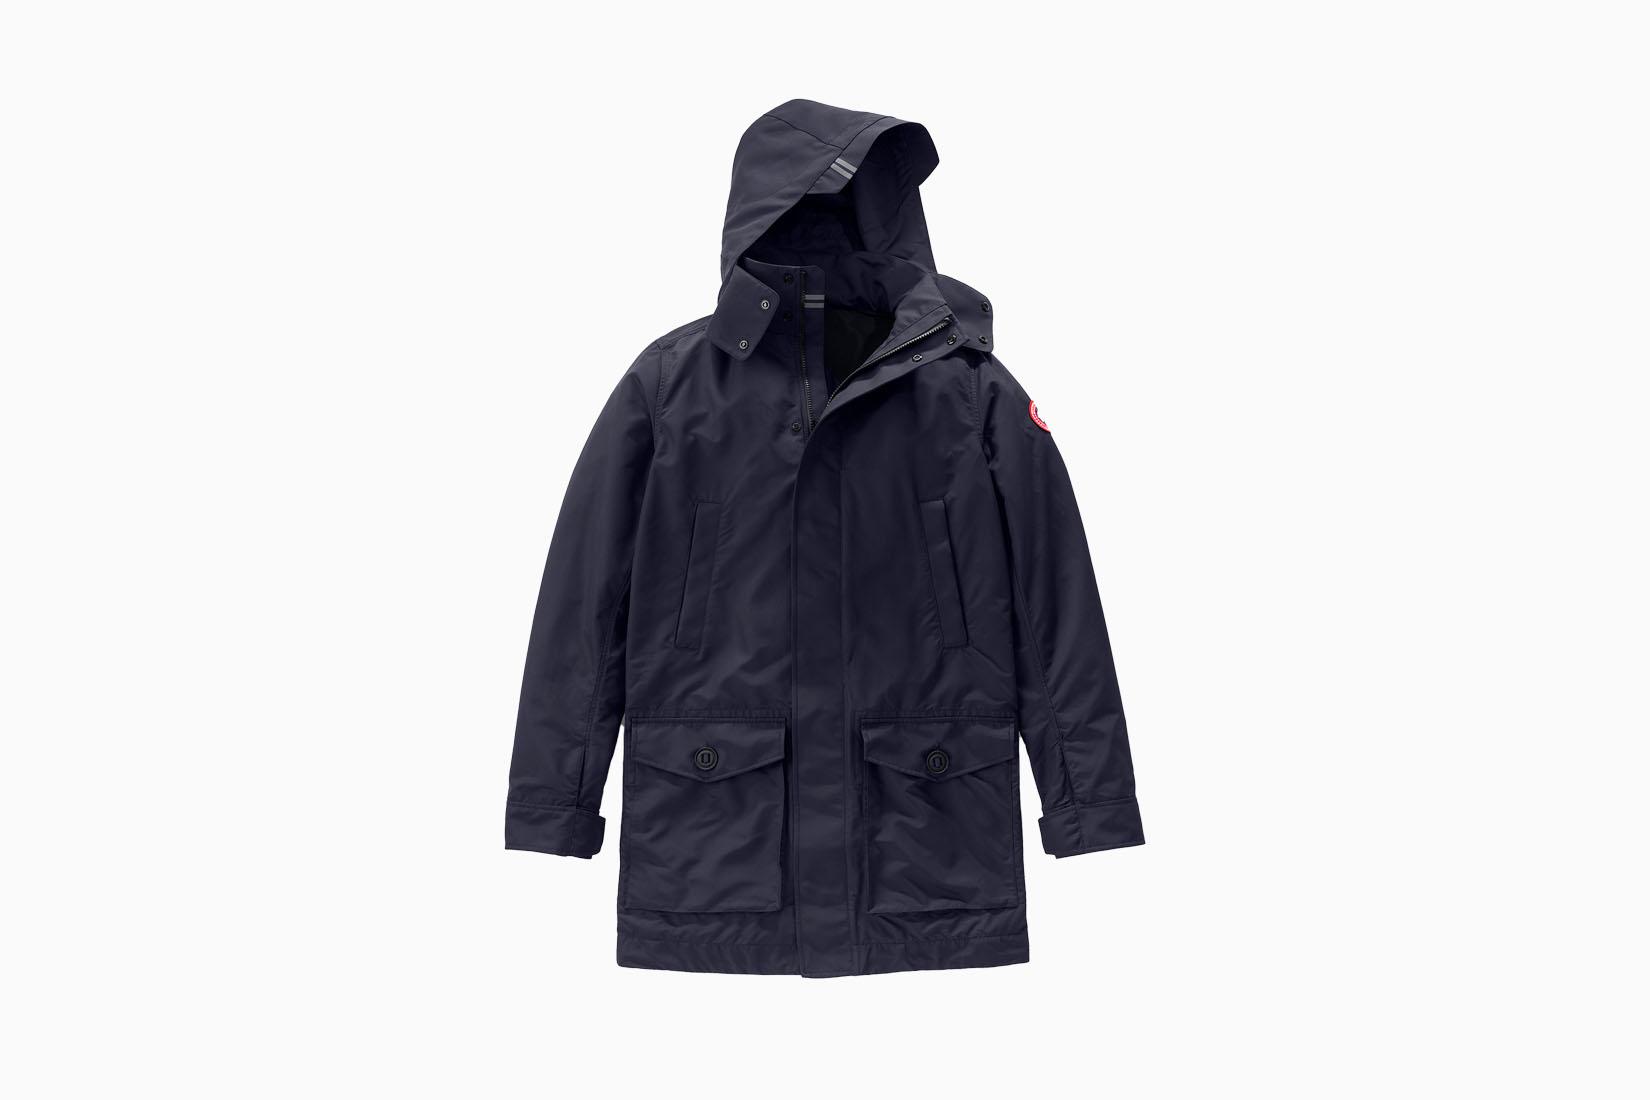 best men trench coats canada goose review Luxe Digital